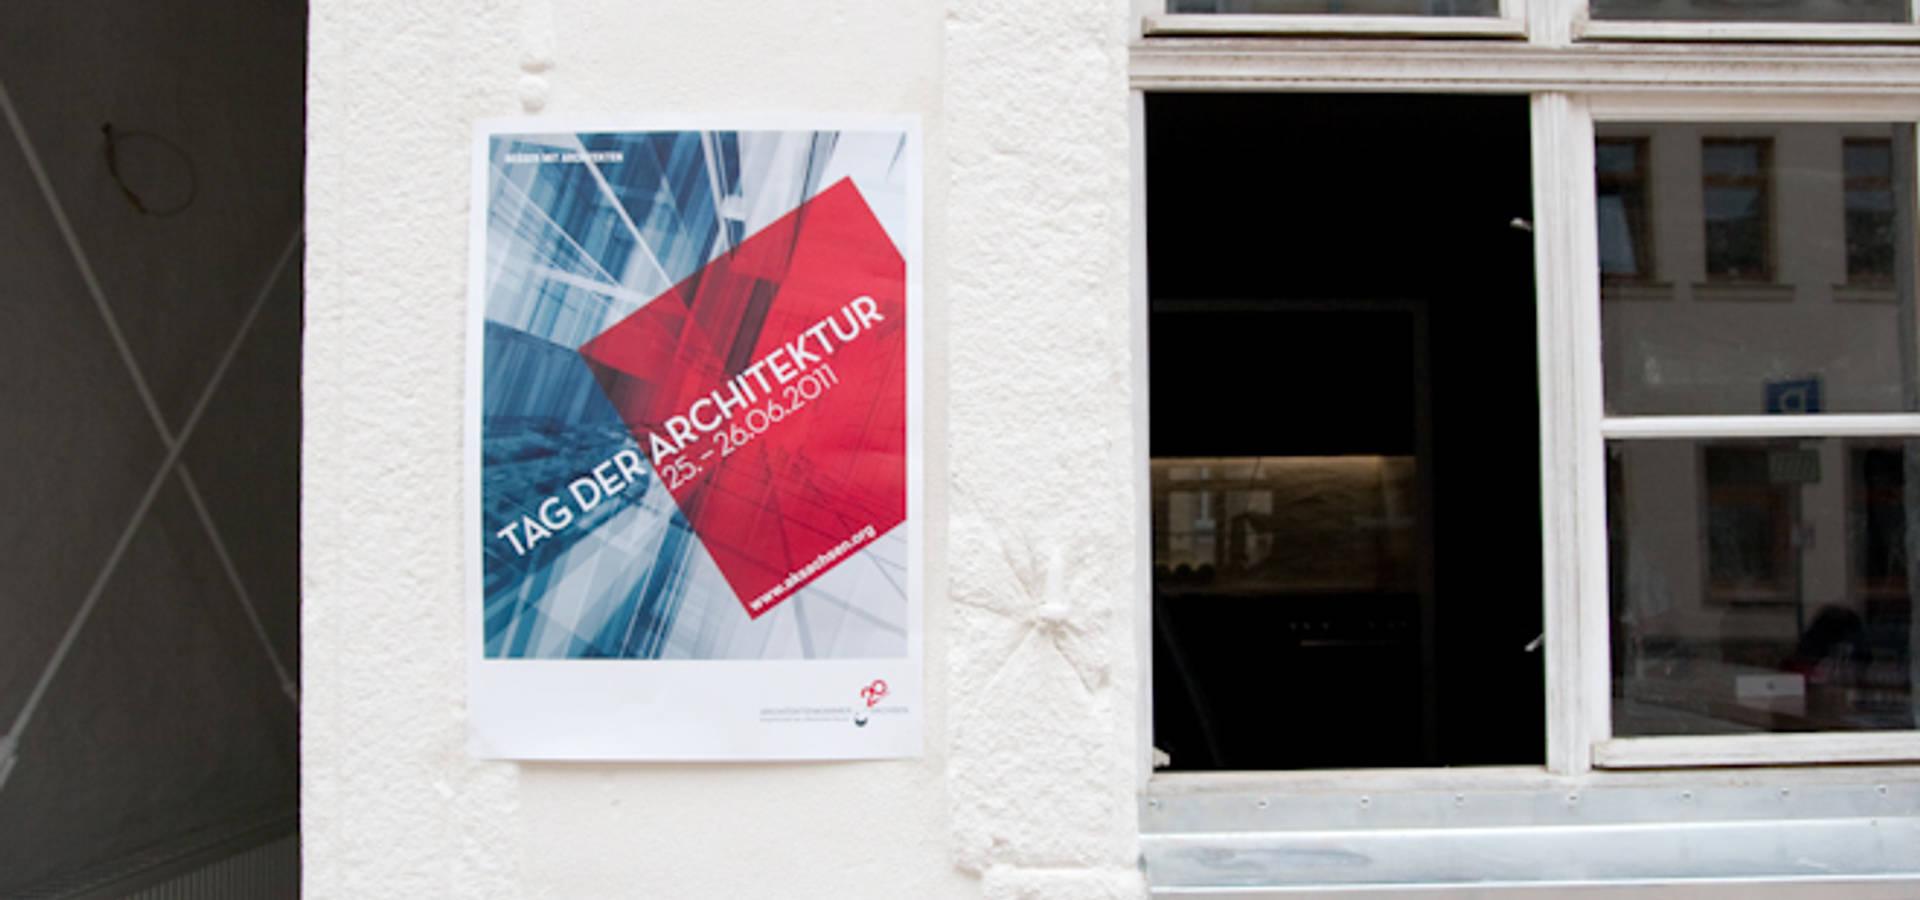 ahoch4 Architekten